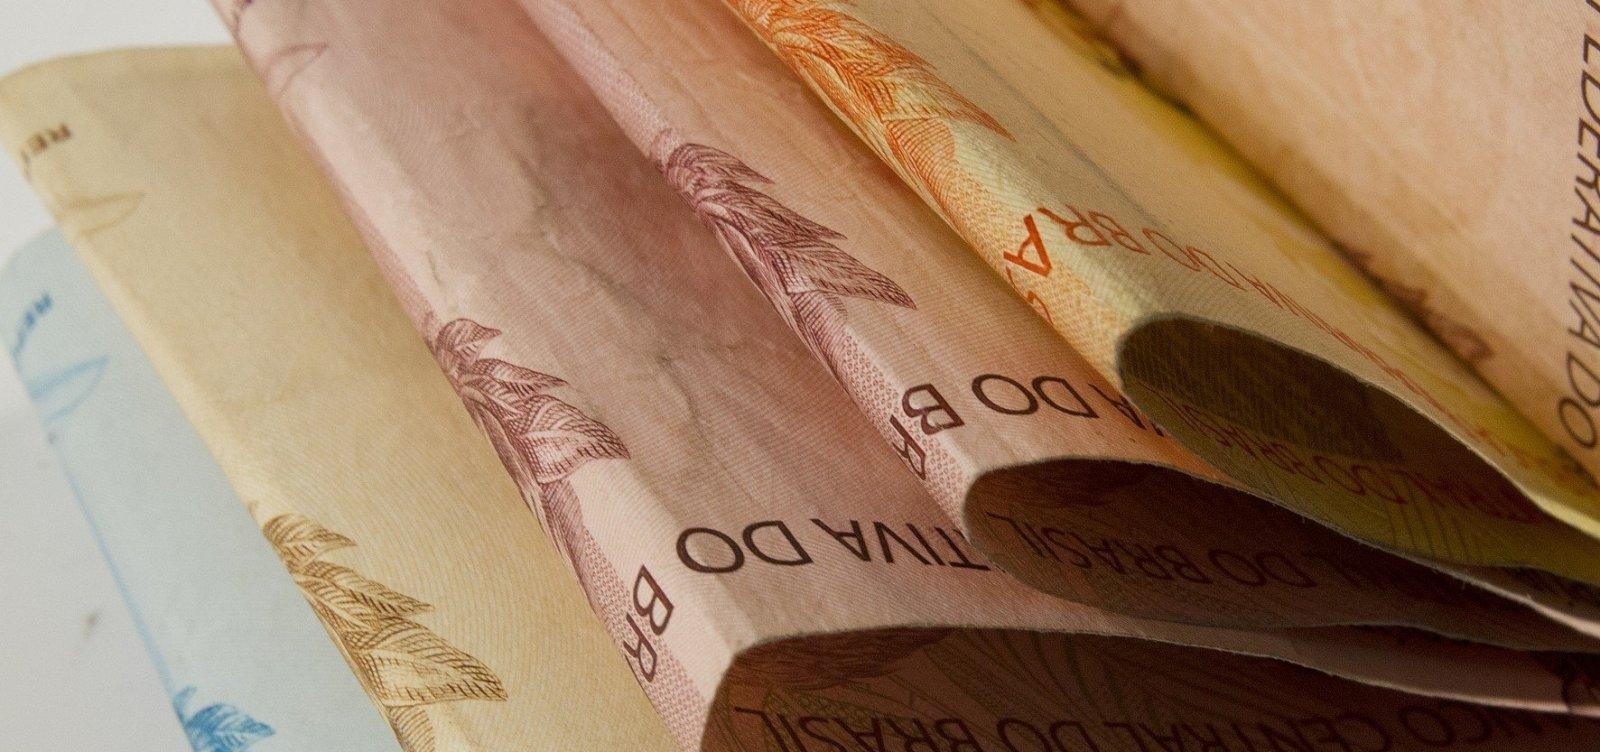 [Dívida brasileira deve subir o dobro da dos demais países emergentes, afirma Tesouro]